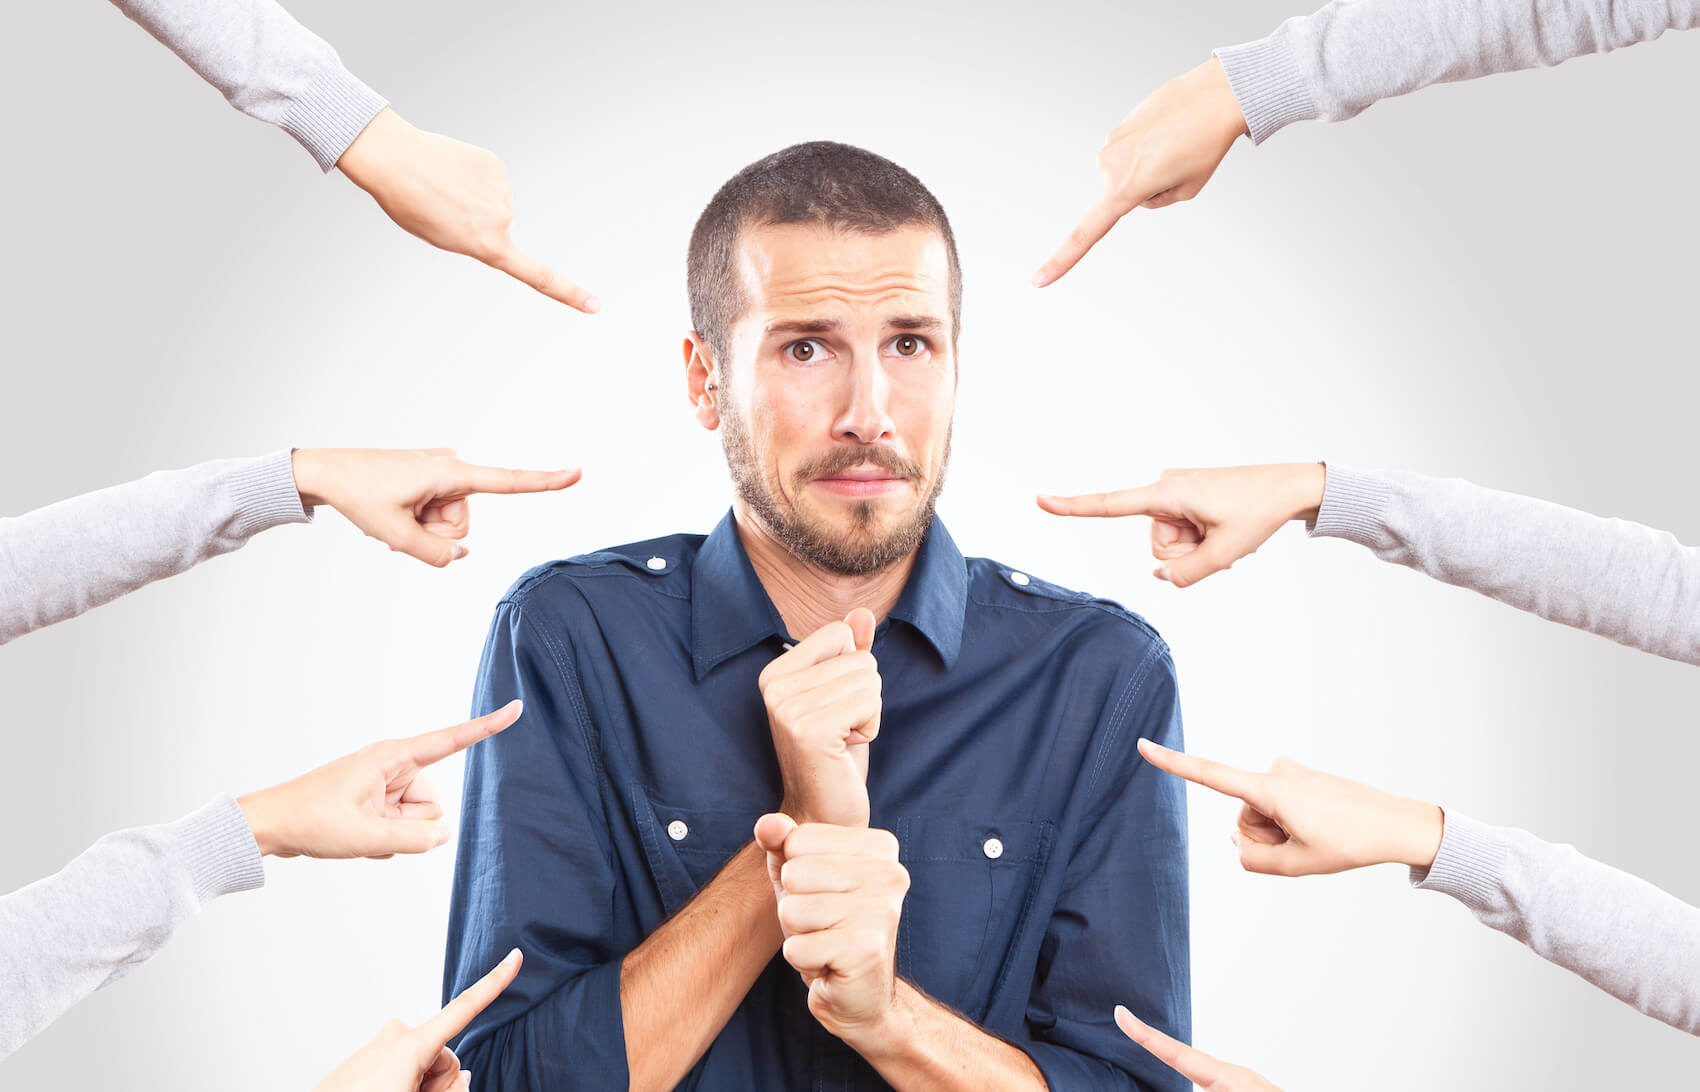 Entscheidung treffen Umgang mit Kritik